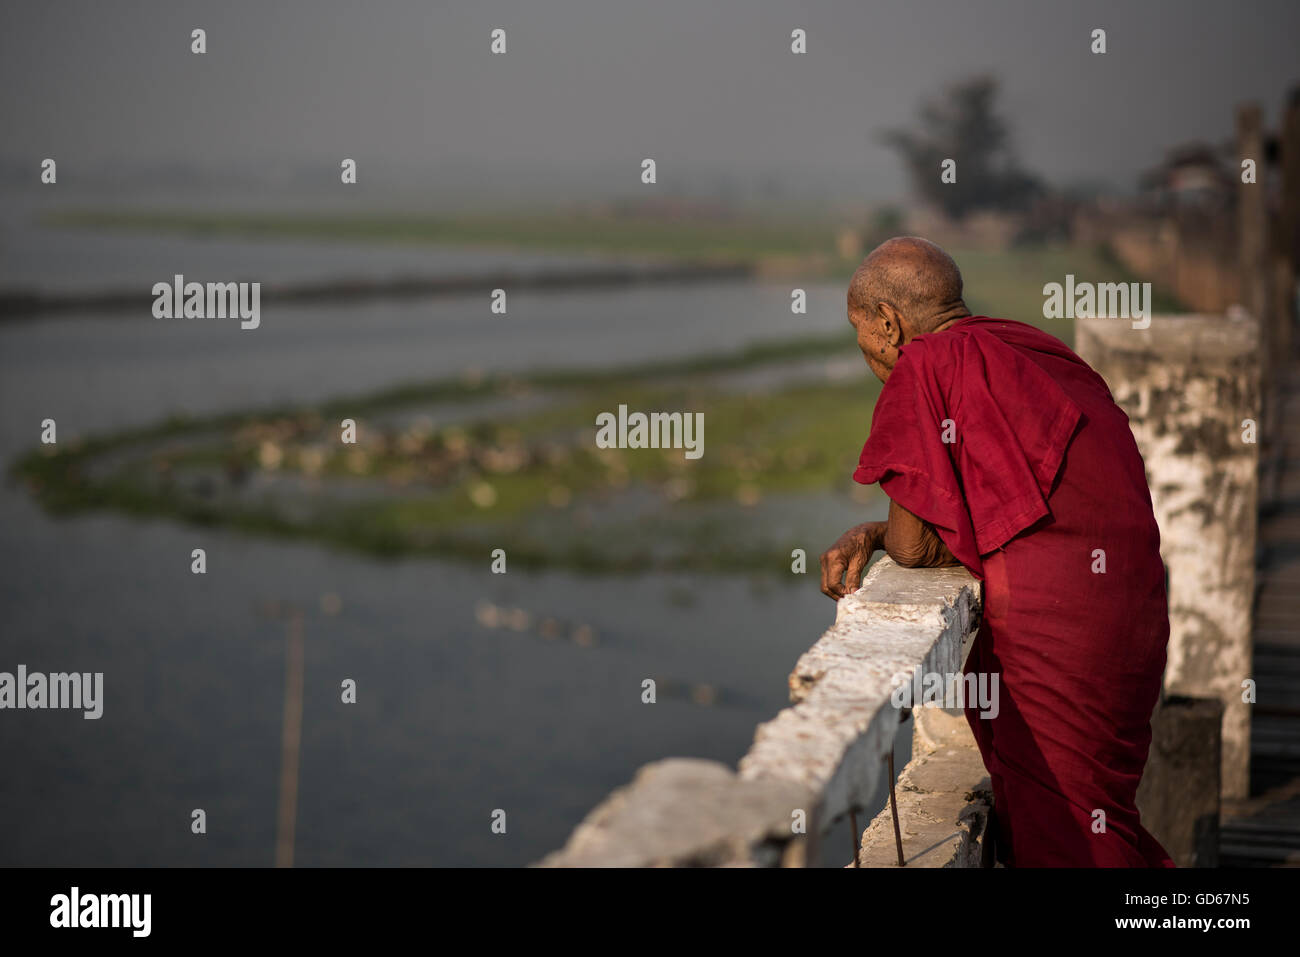 Un ancien moine bouddhiste qui envisagent le lac Taungthaman, Amarapura, Myanmar. Photo Stock